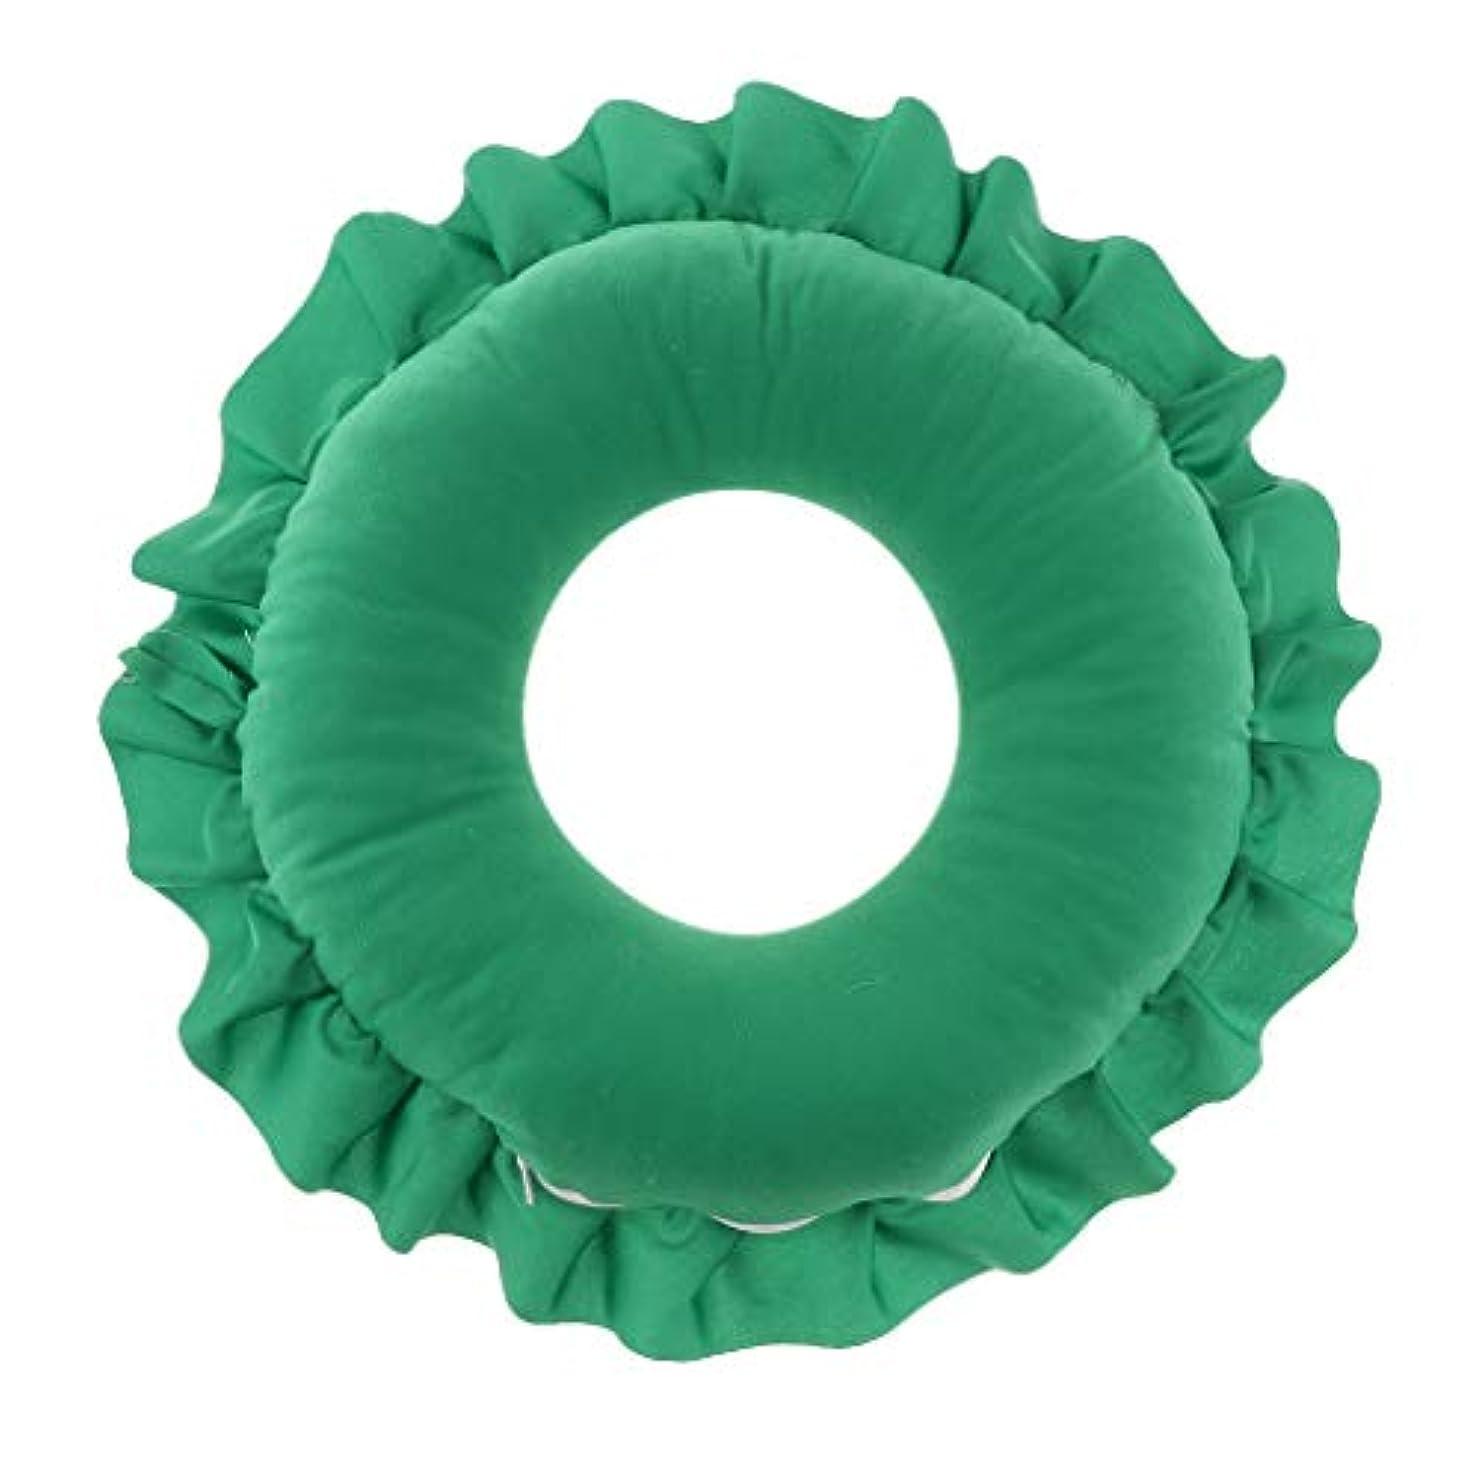 コーヒー粘液スーダンFenteer フェイス枕 顔枕 マッサージ枕 マッサージピロー 美容院 柔らかい 快適 洗える 全4色 - 緑